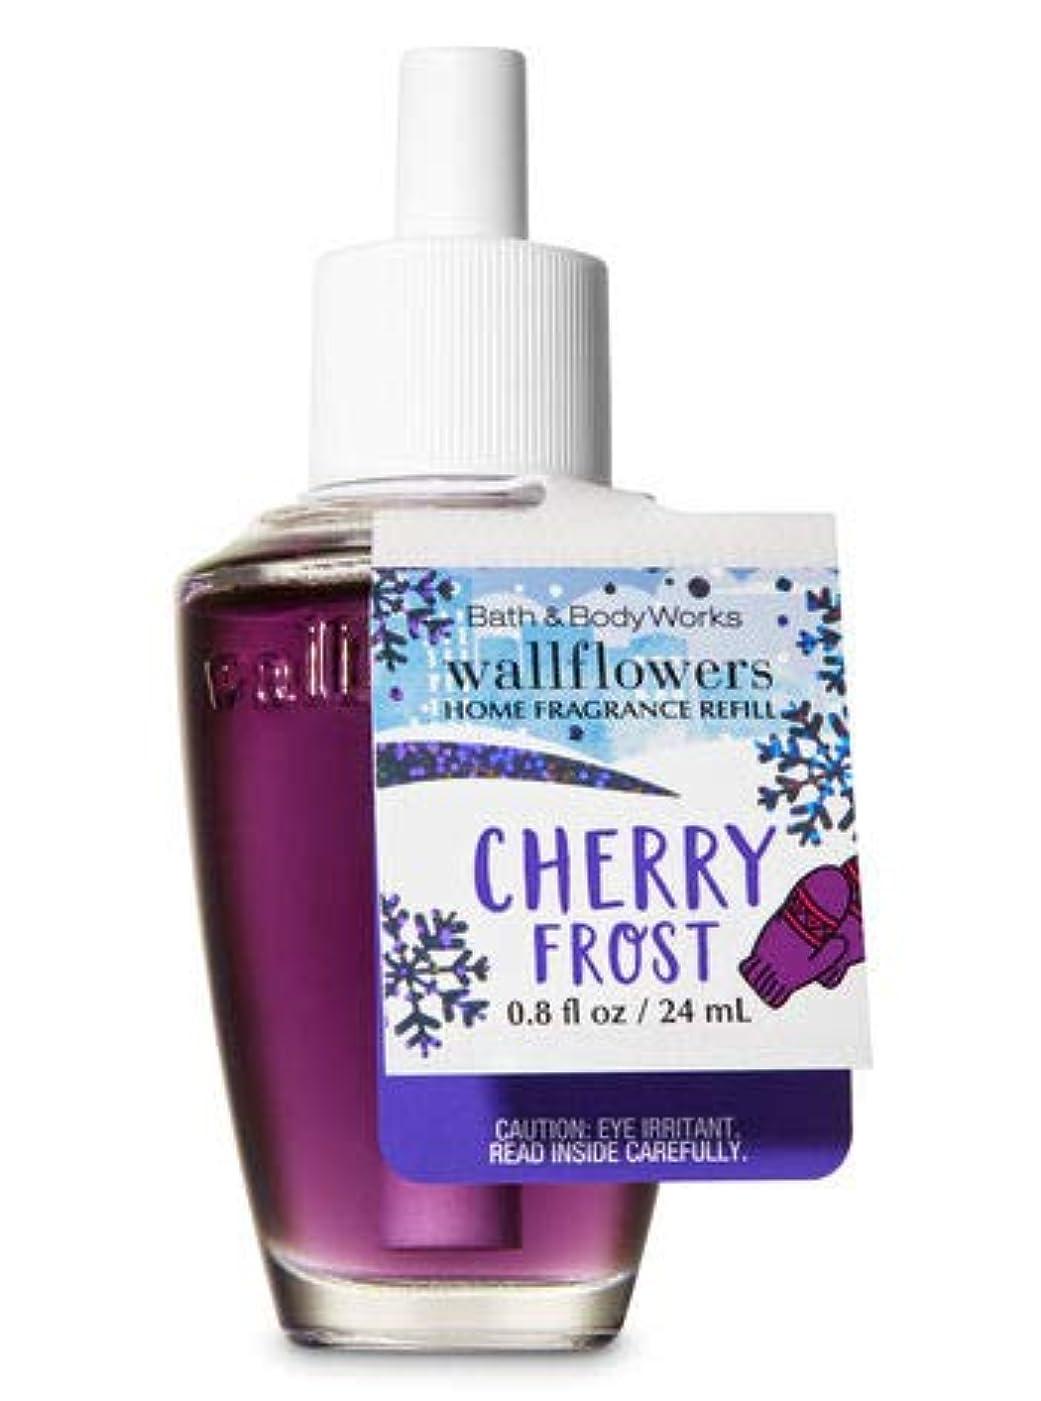 プリーツ劇的しっかり【Bath&Body Works/バス&ボディワークス】 ルームフレグランス 詰替えリフィル チェリーフロスト Wallflowers Home Fragrance Refill Cherry Frost [並行輸入品]